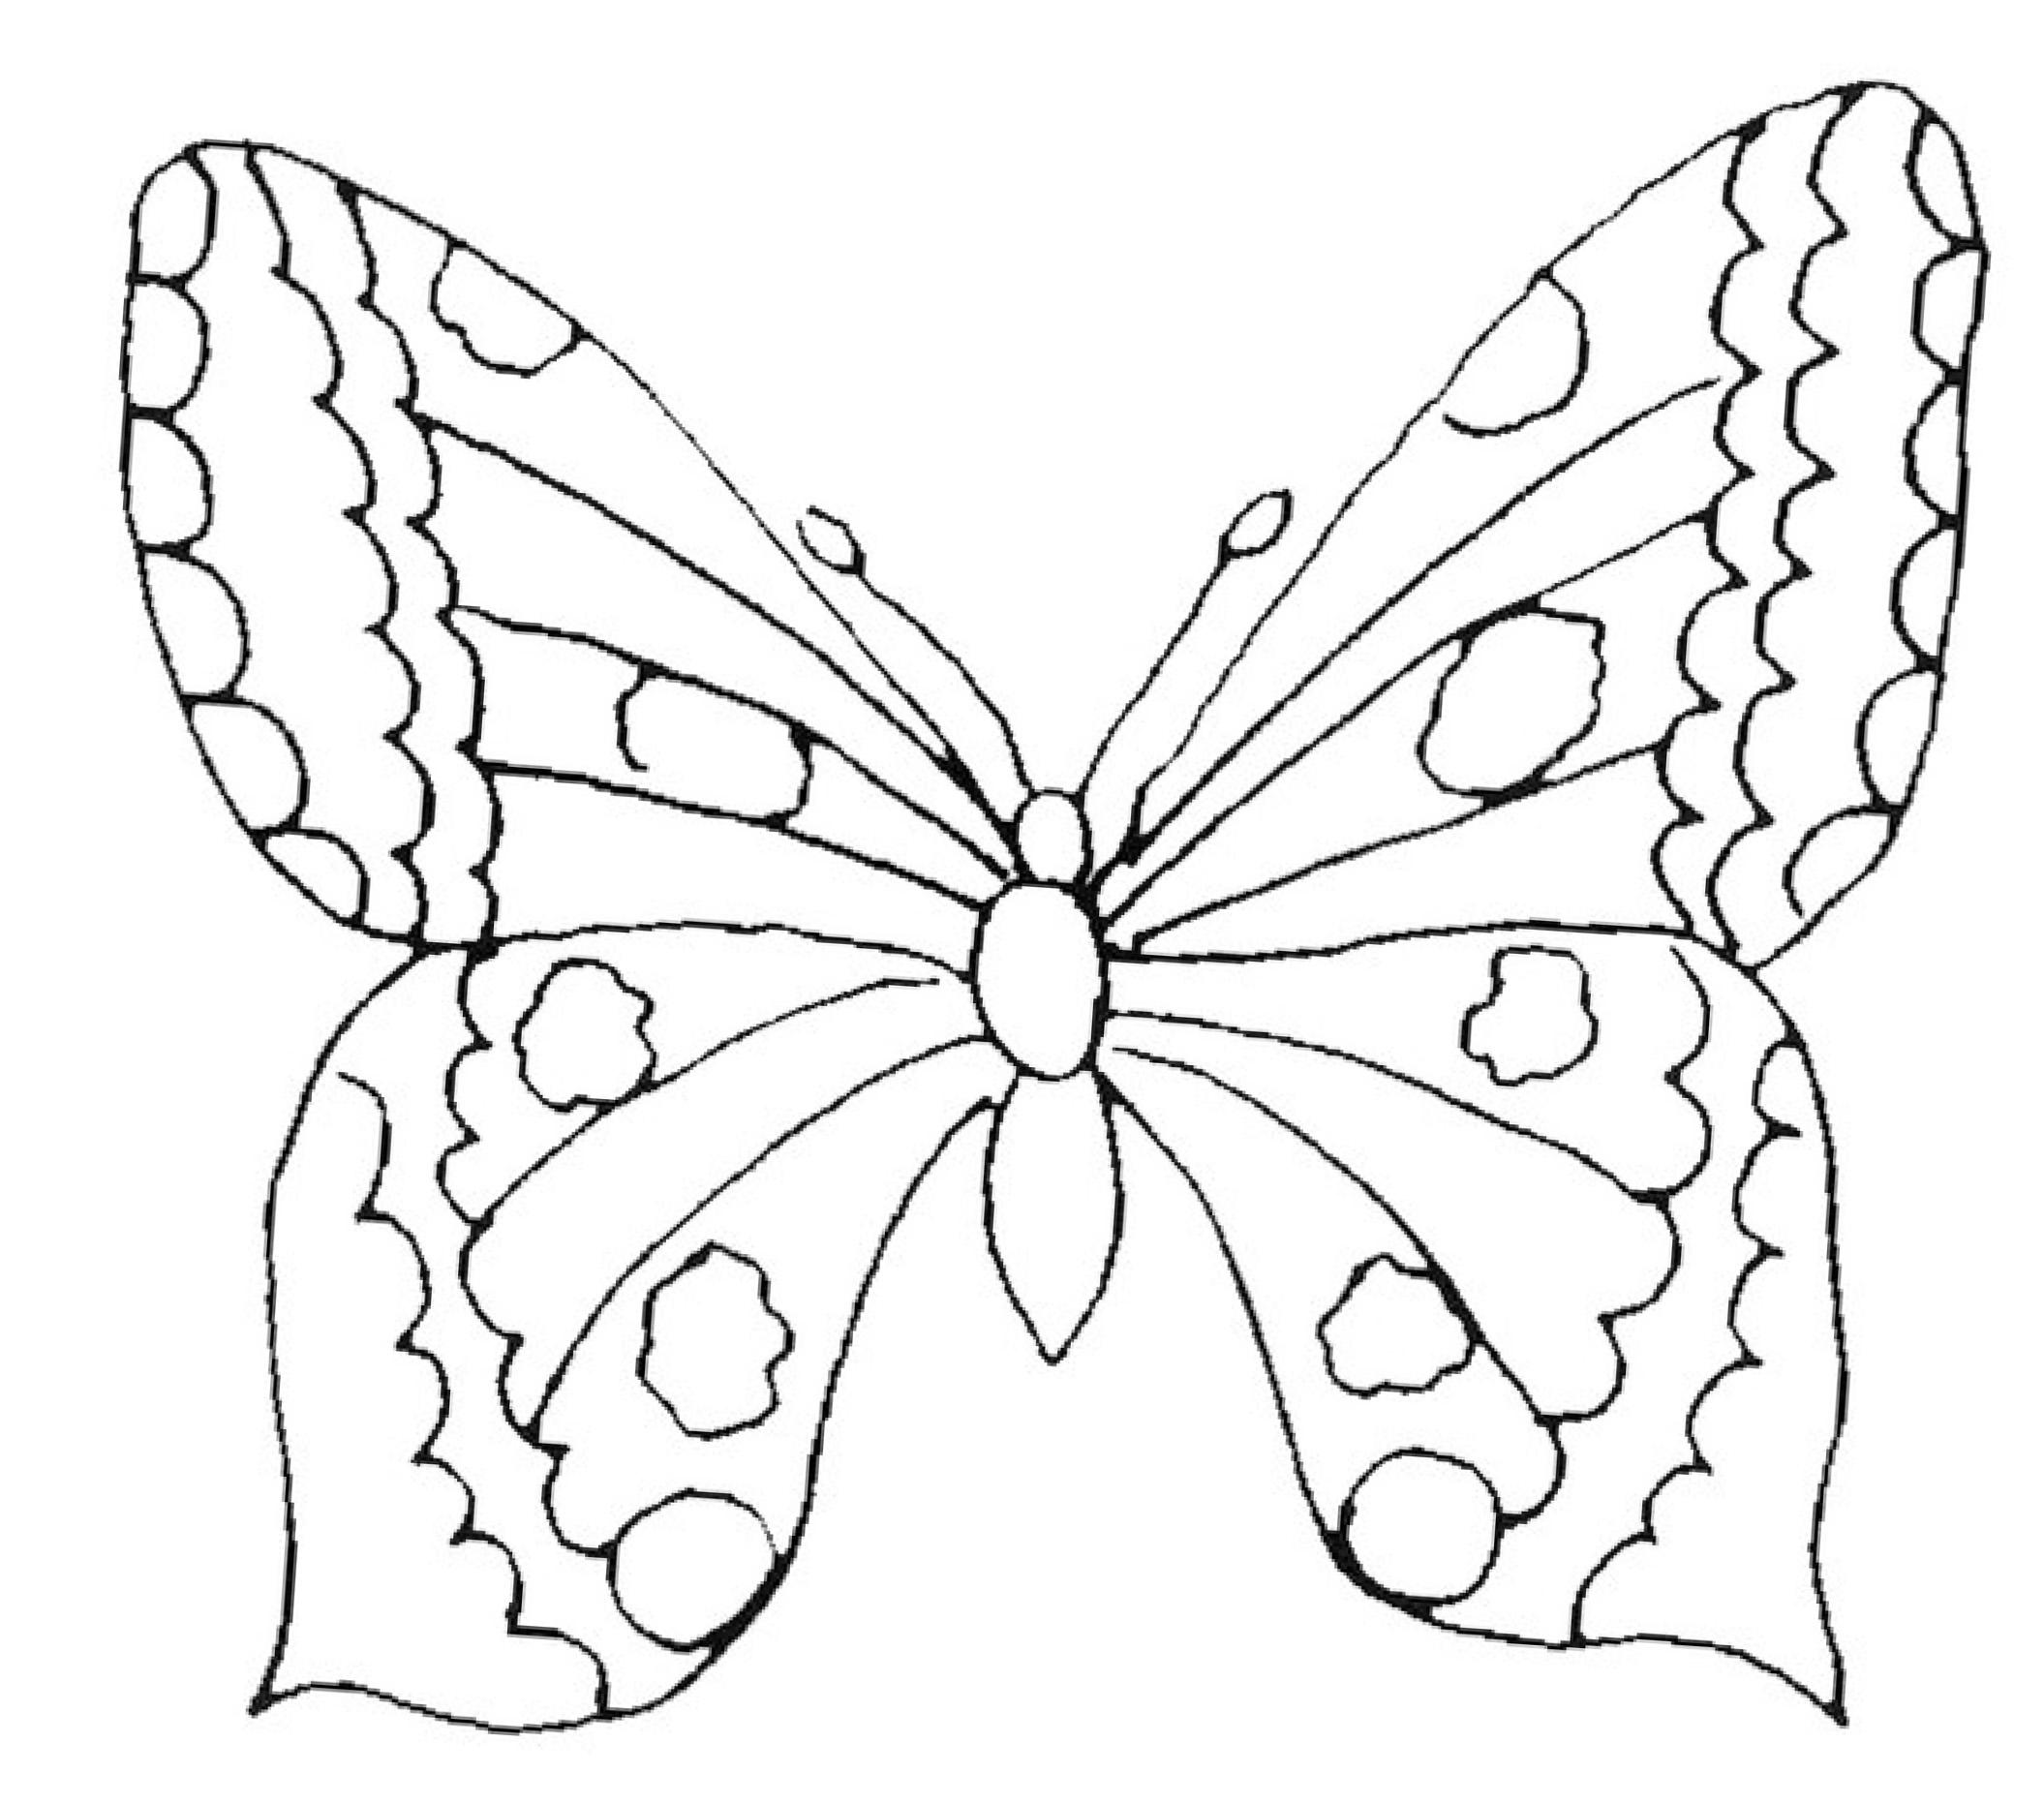 21 Awesome Malvorlagen Blumen Mit Schmetterling